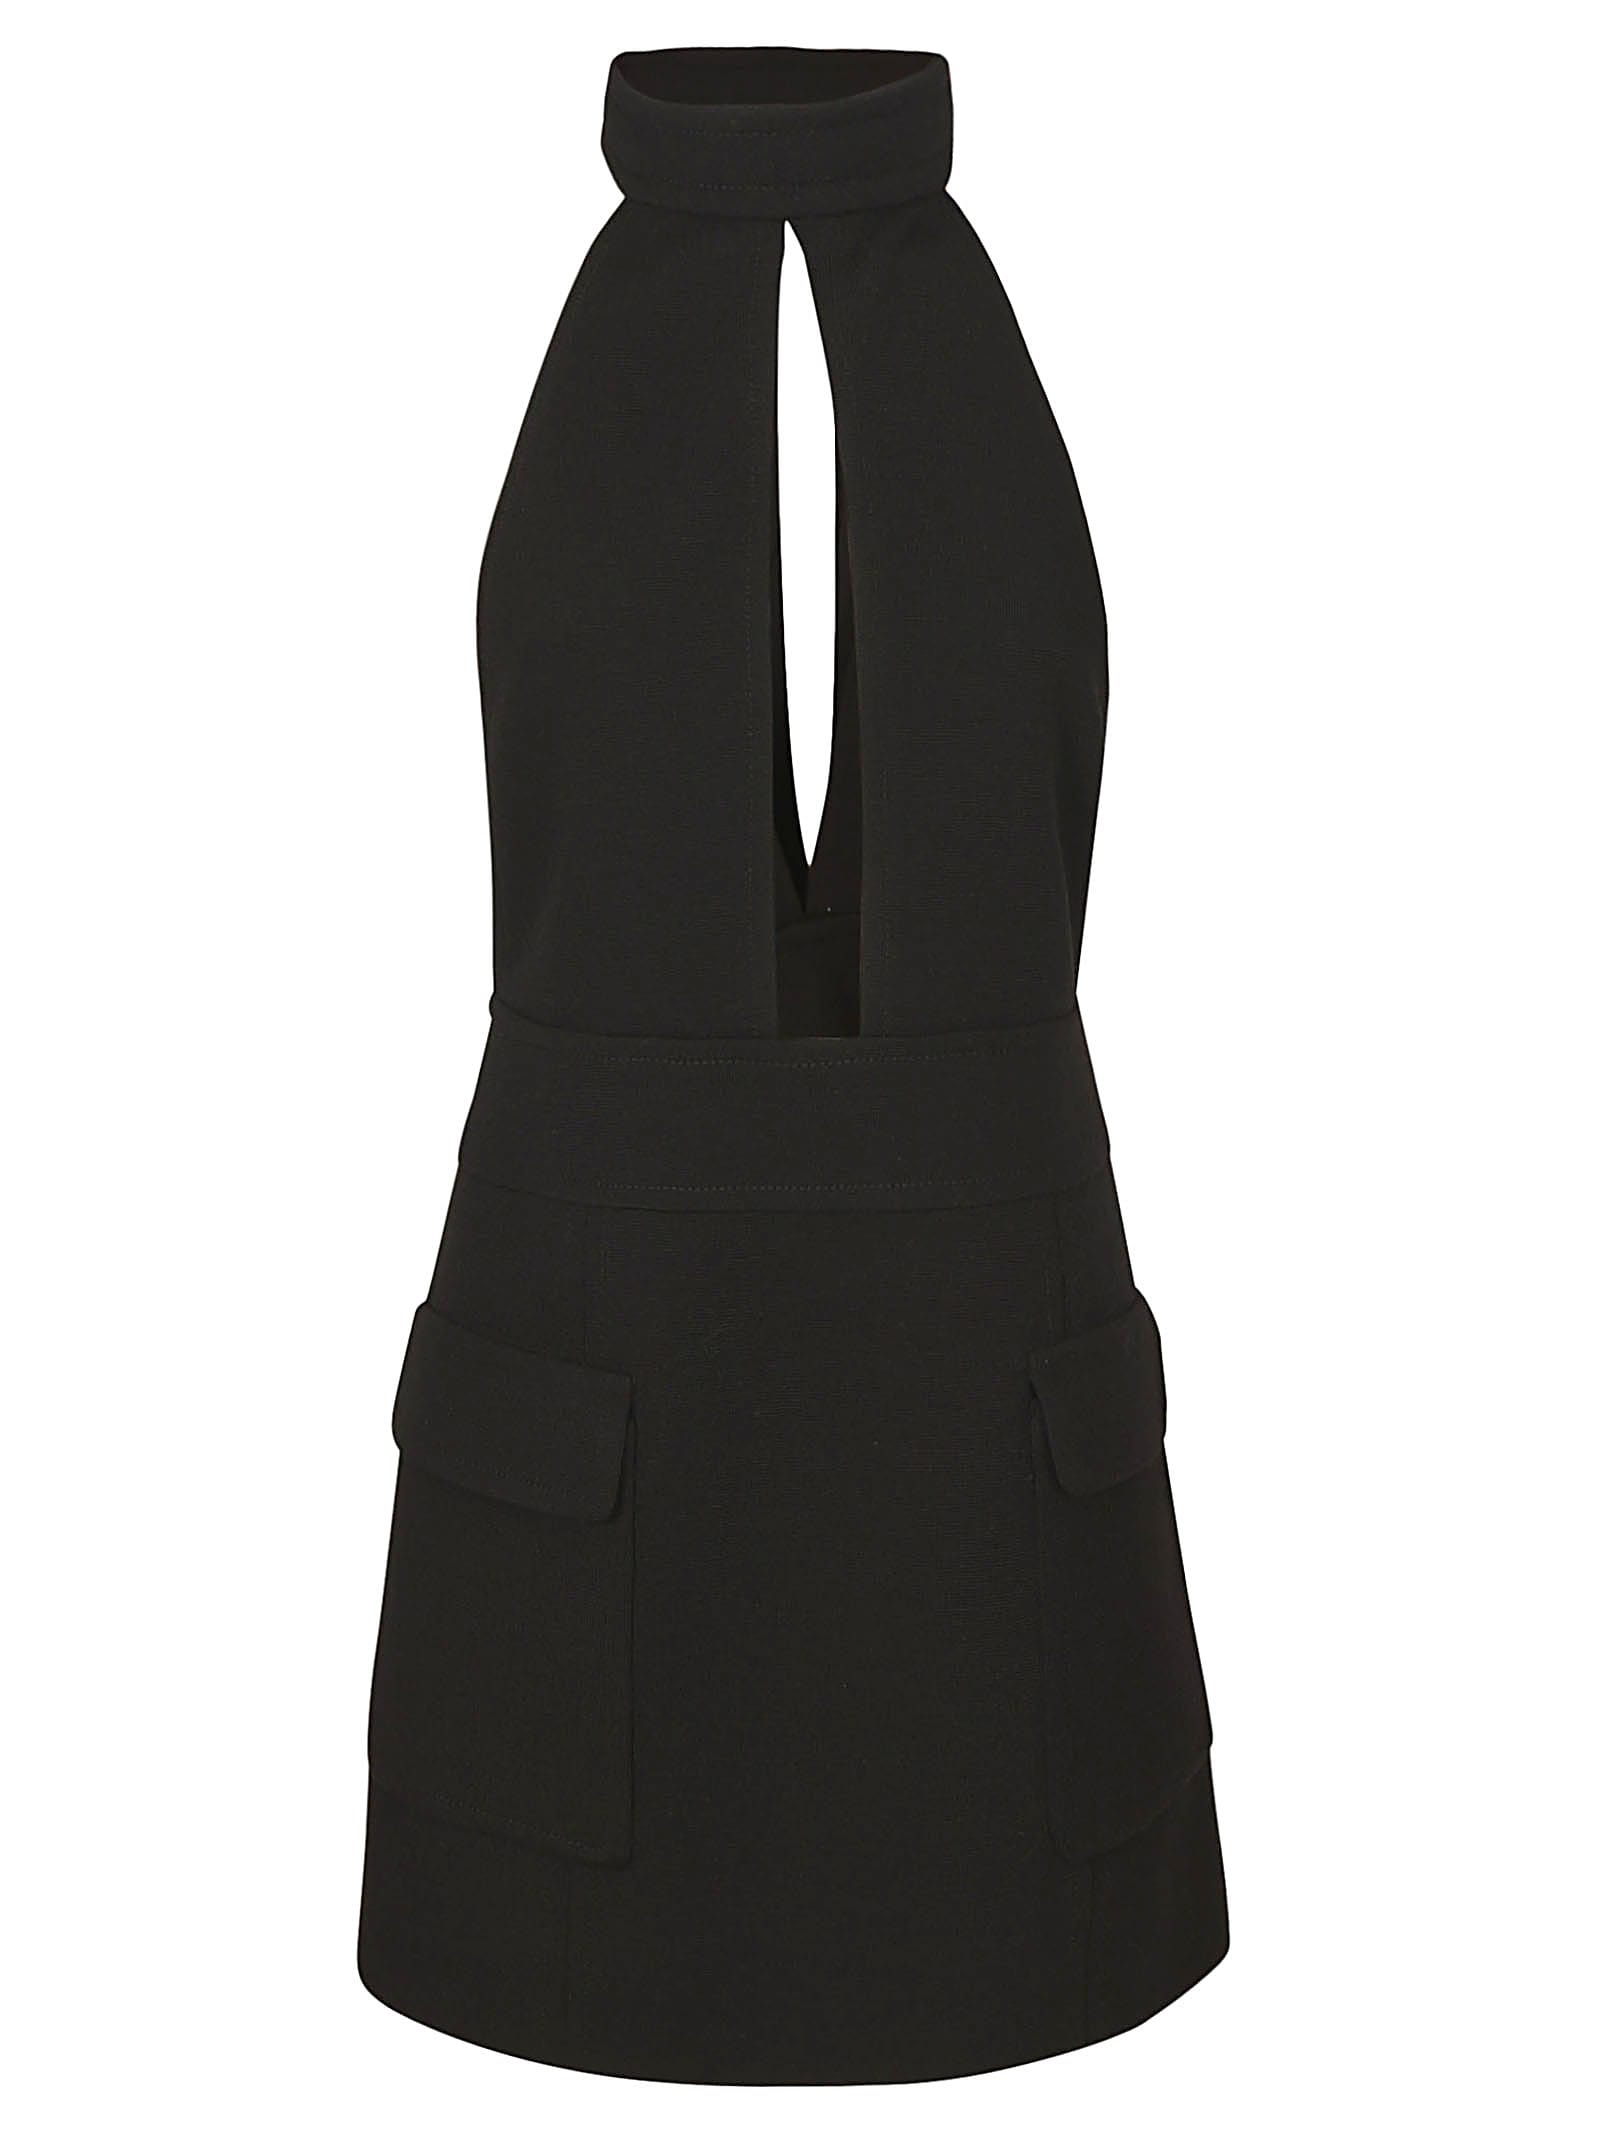 Saint Laurent Cut-out Detail Short Dress